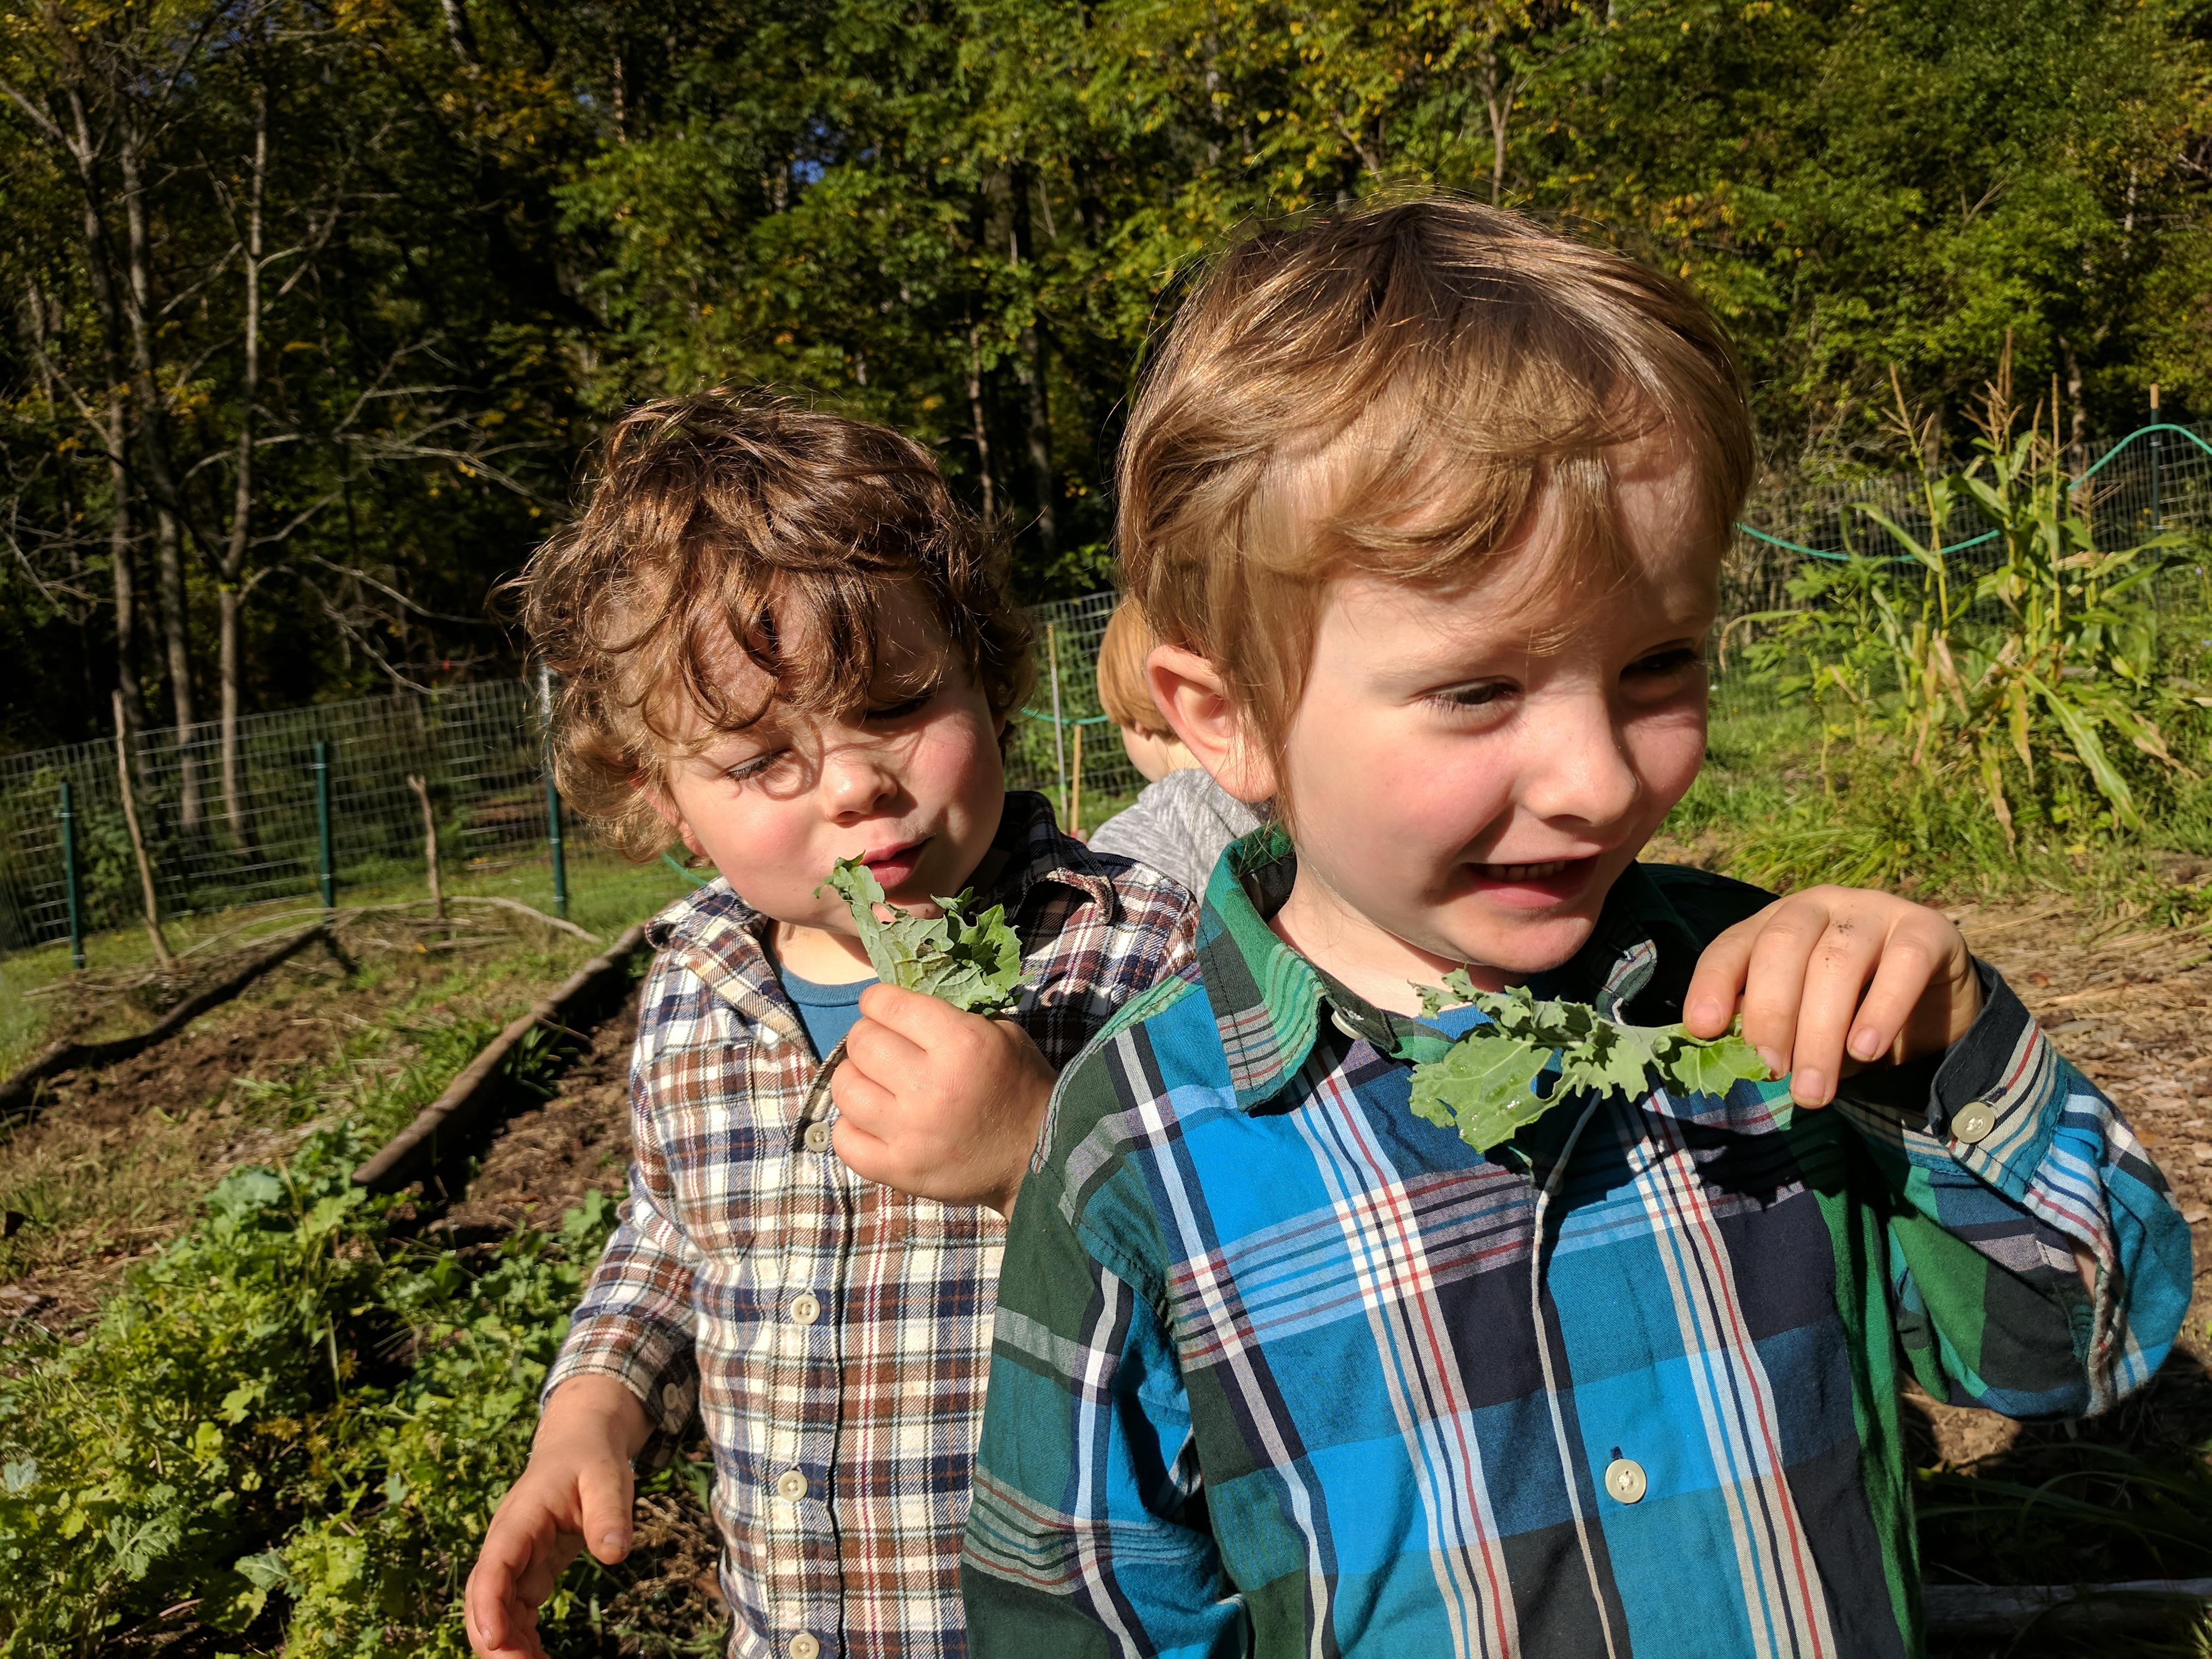 Ashevillefarmstead-kids-sprouts-garden